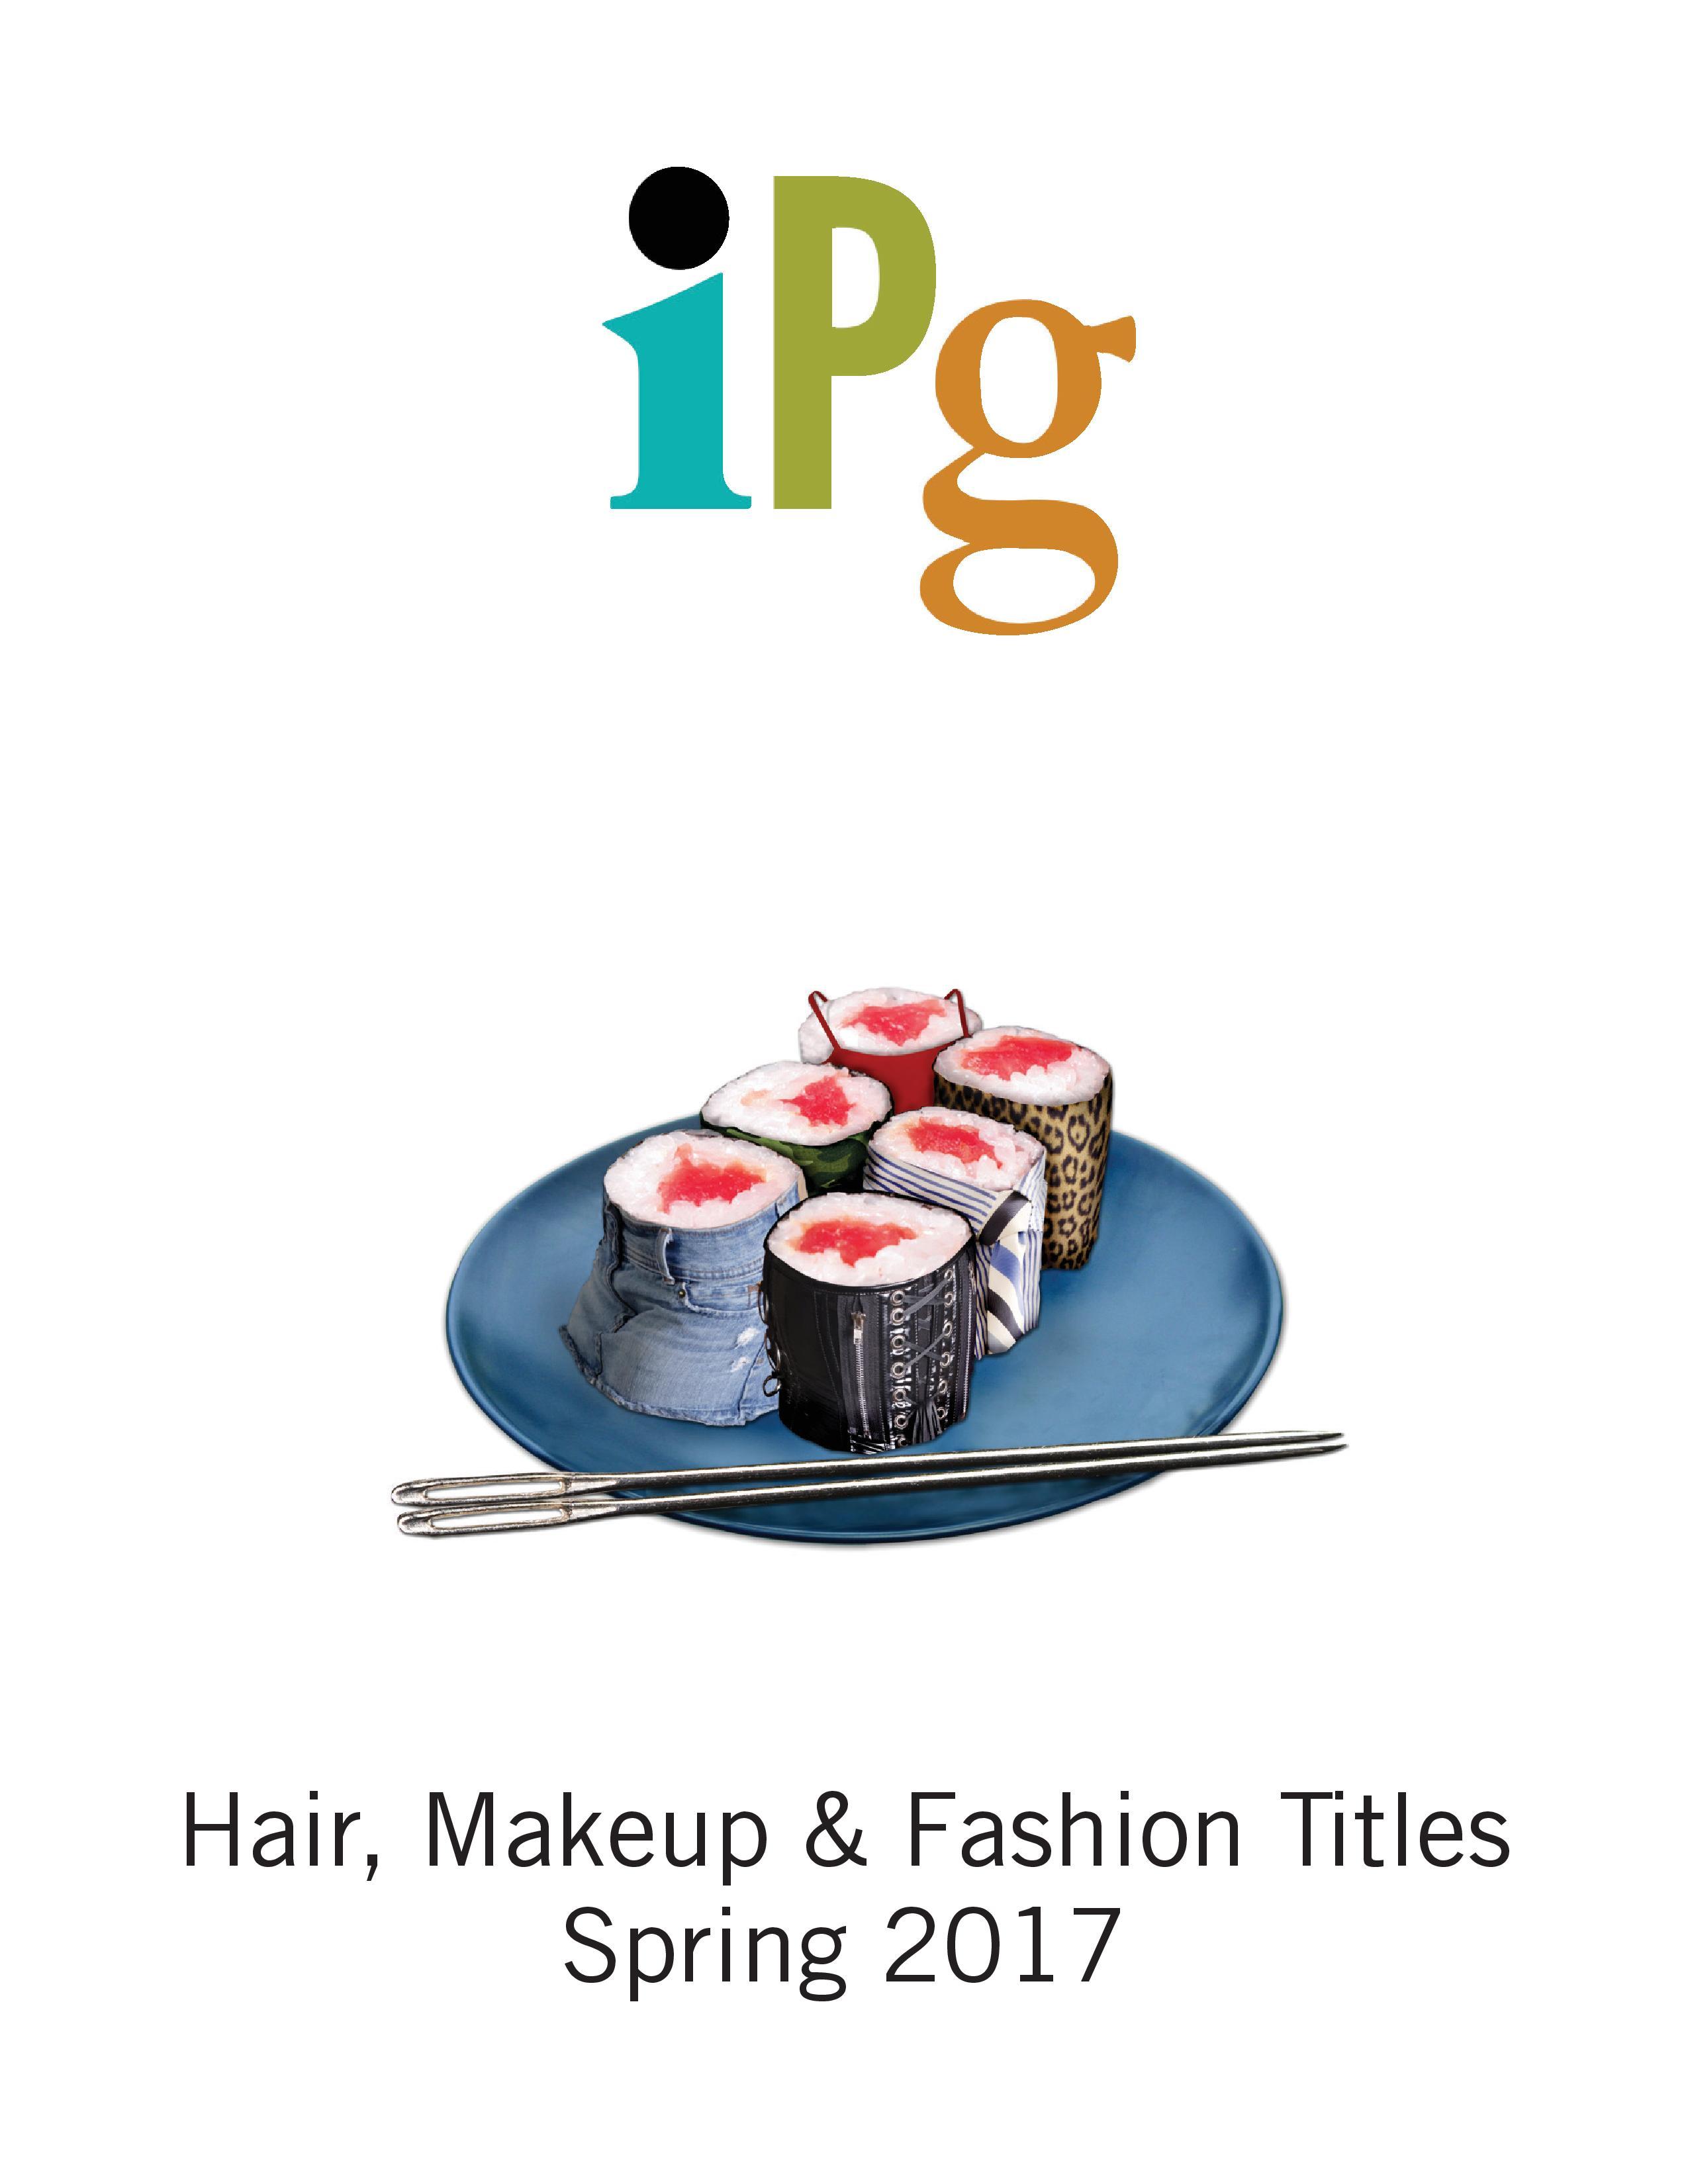 Hair, Makeup, & Fashion Titles